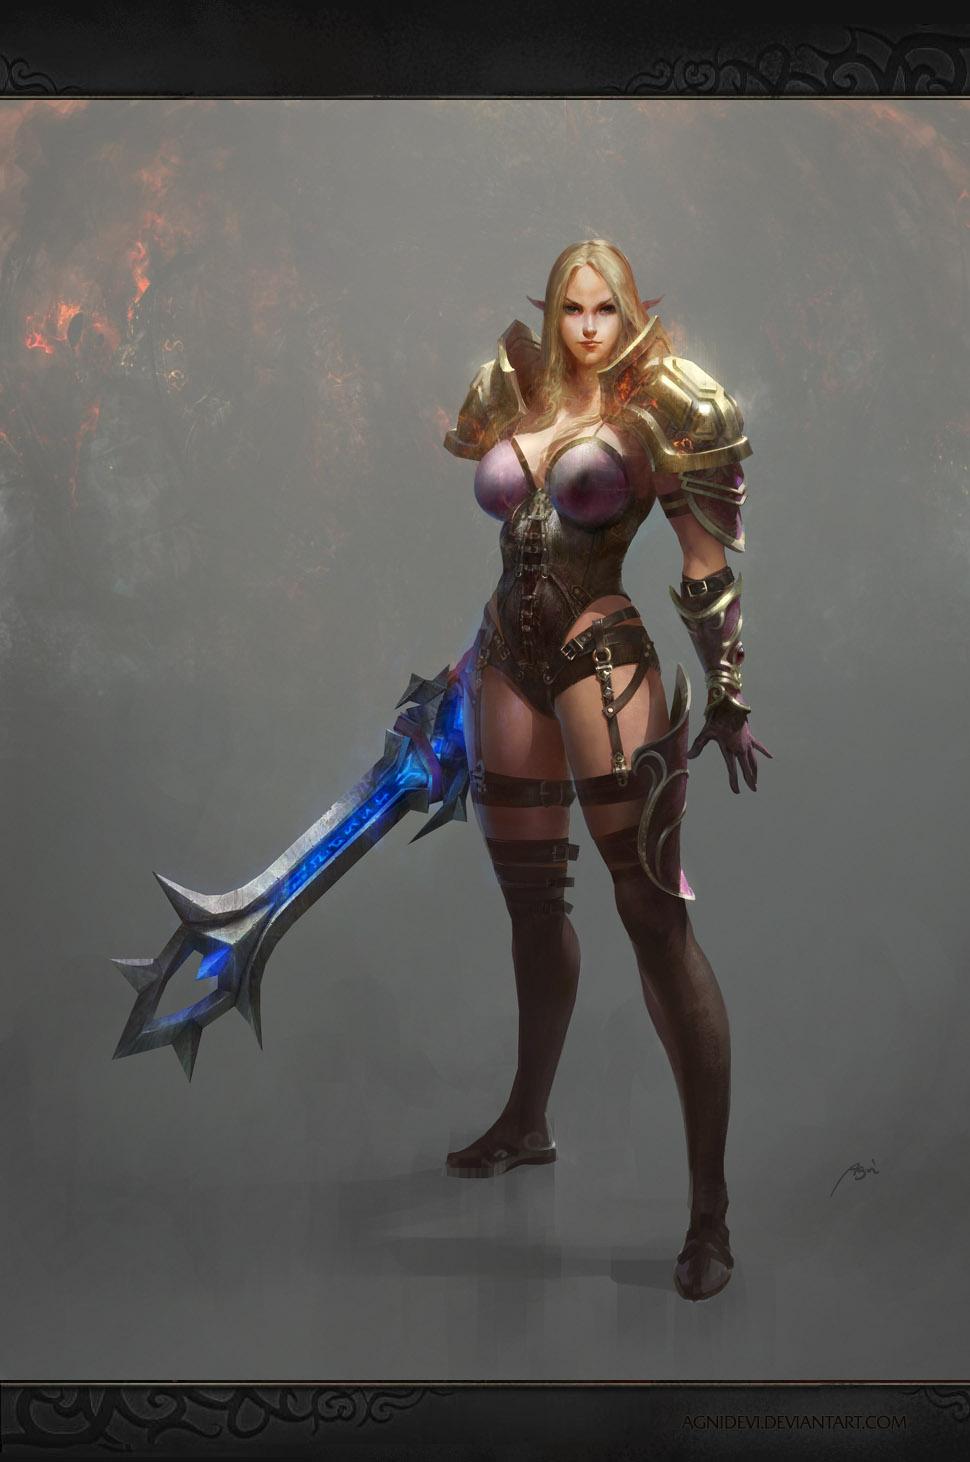 Elfina by agnidevi